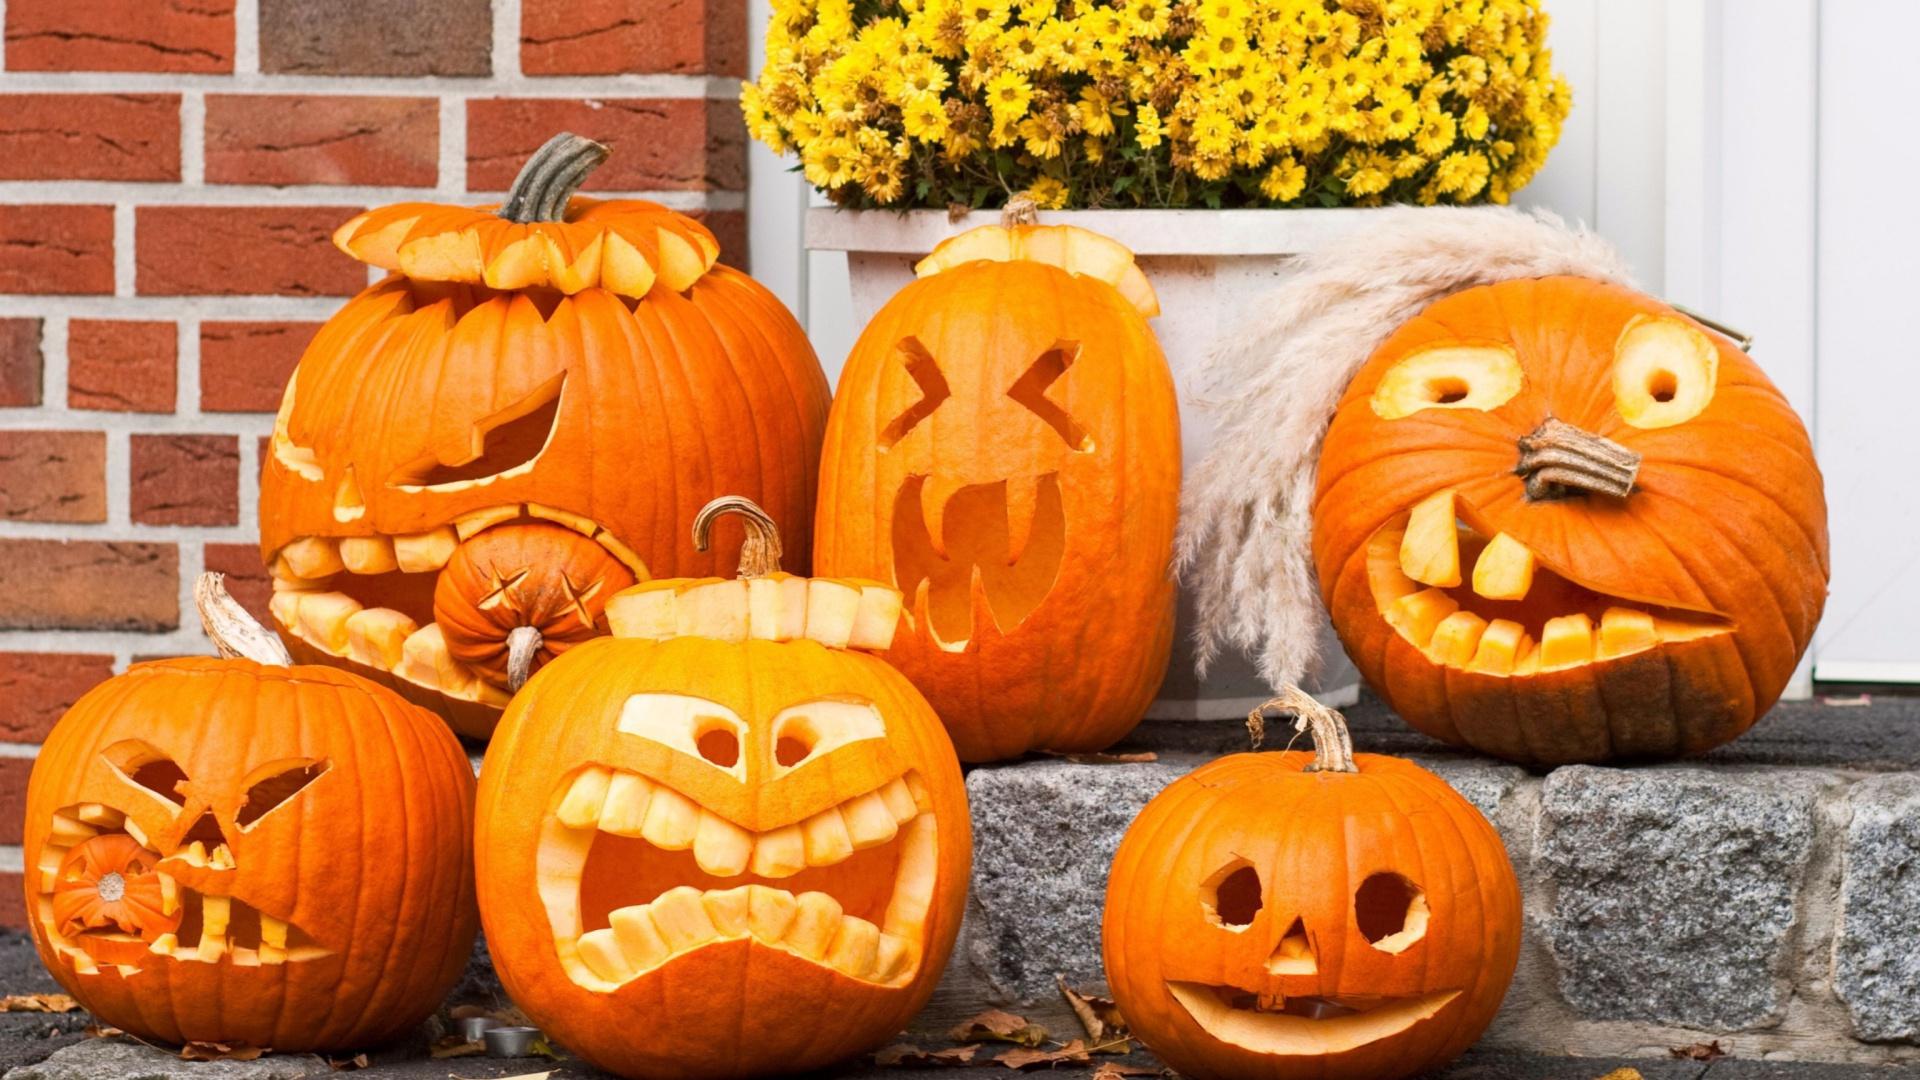 Halloween Pumpkin 1920x1080 Screensaver wallpaper 1920x1080